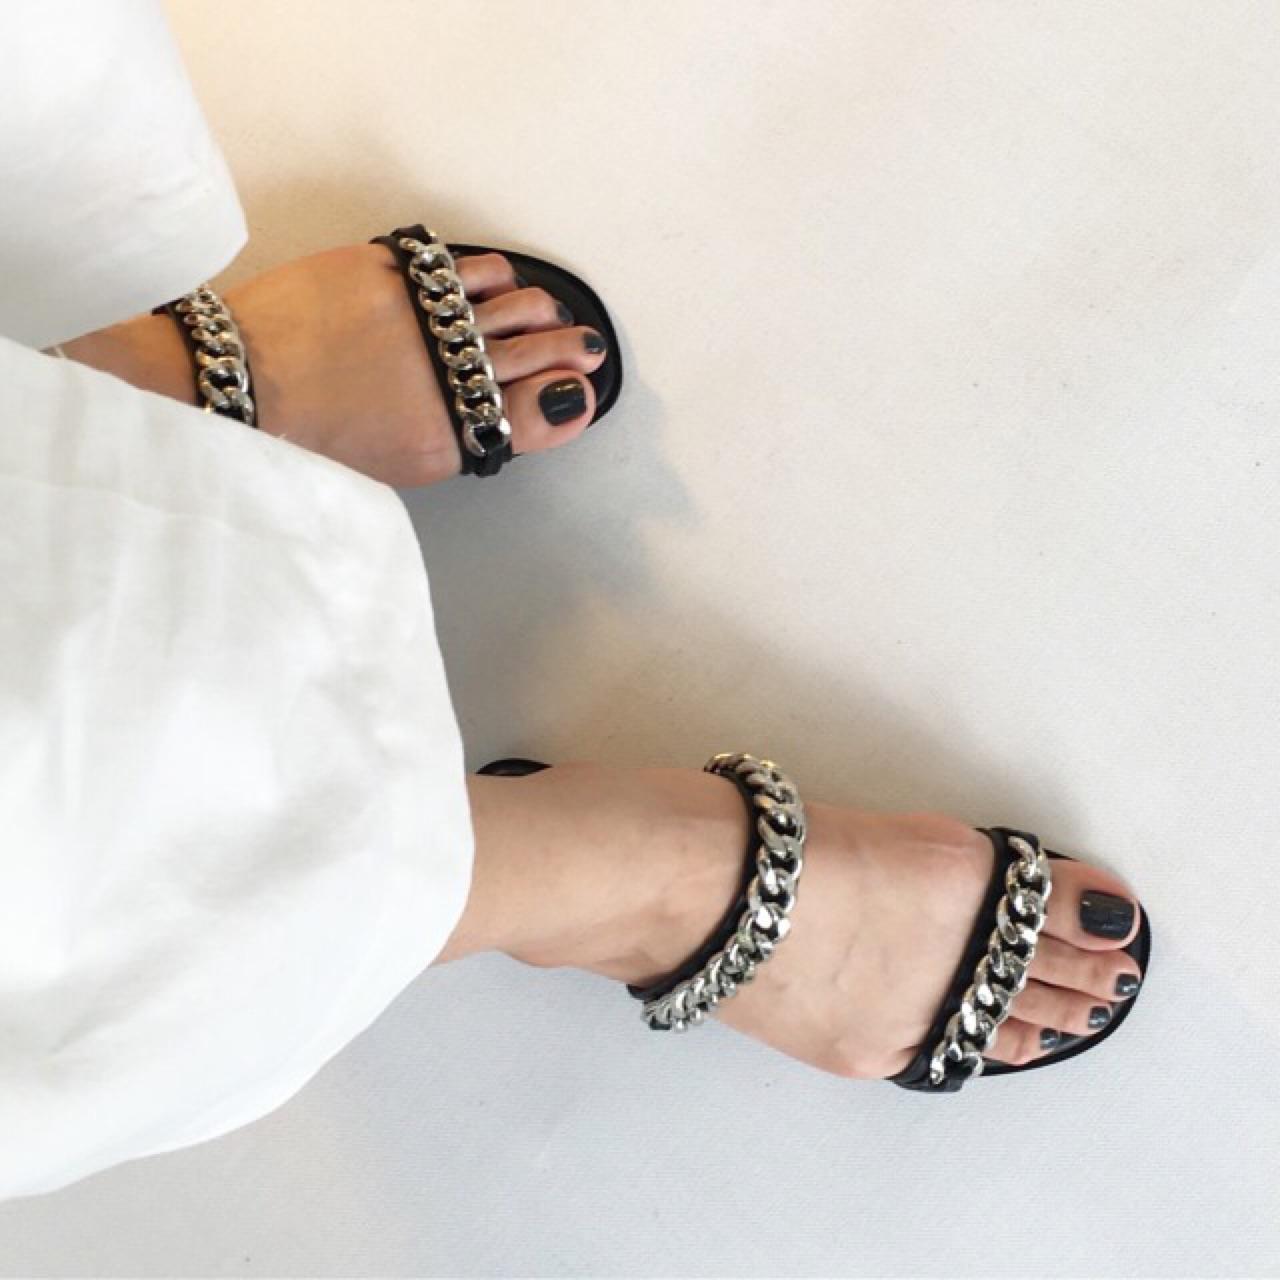 รองเท้าแตะ Chain on black - 690 THB